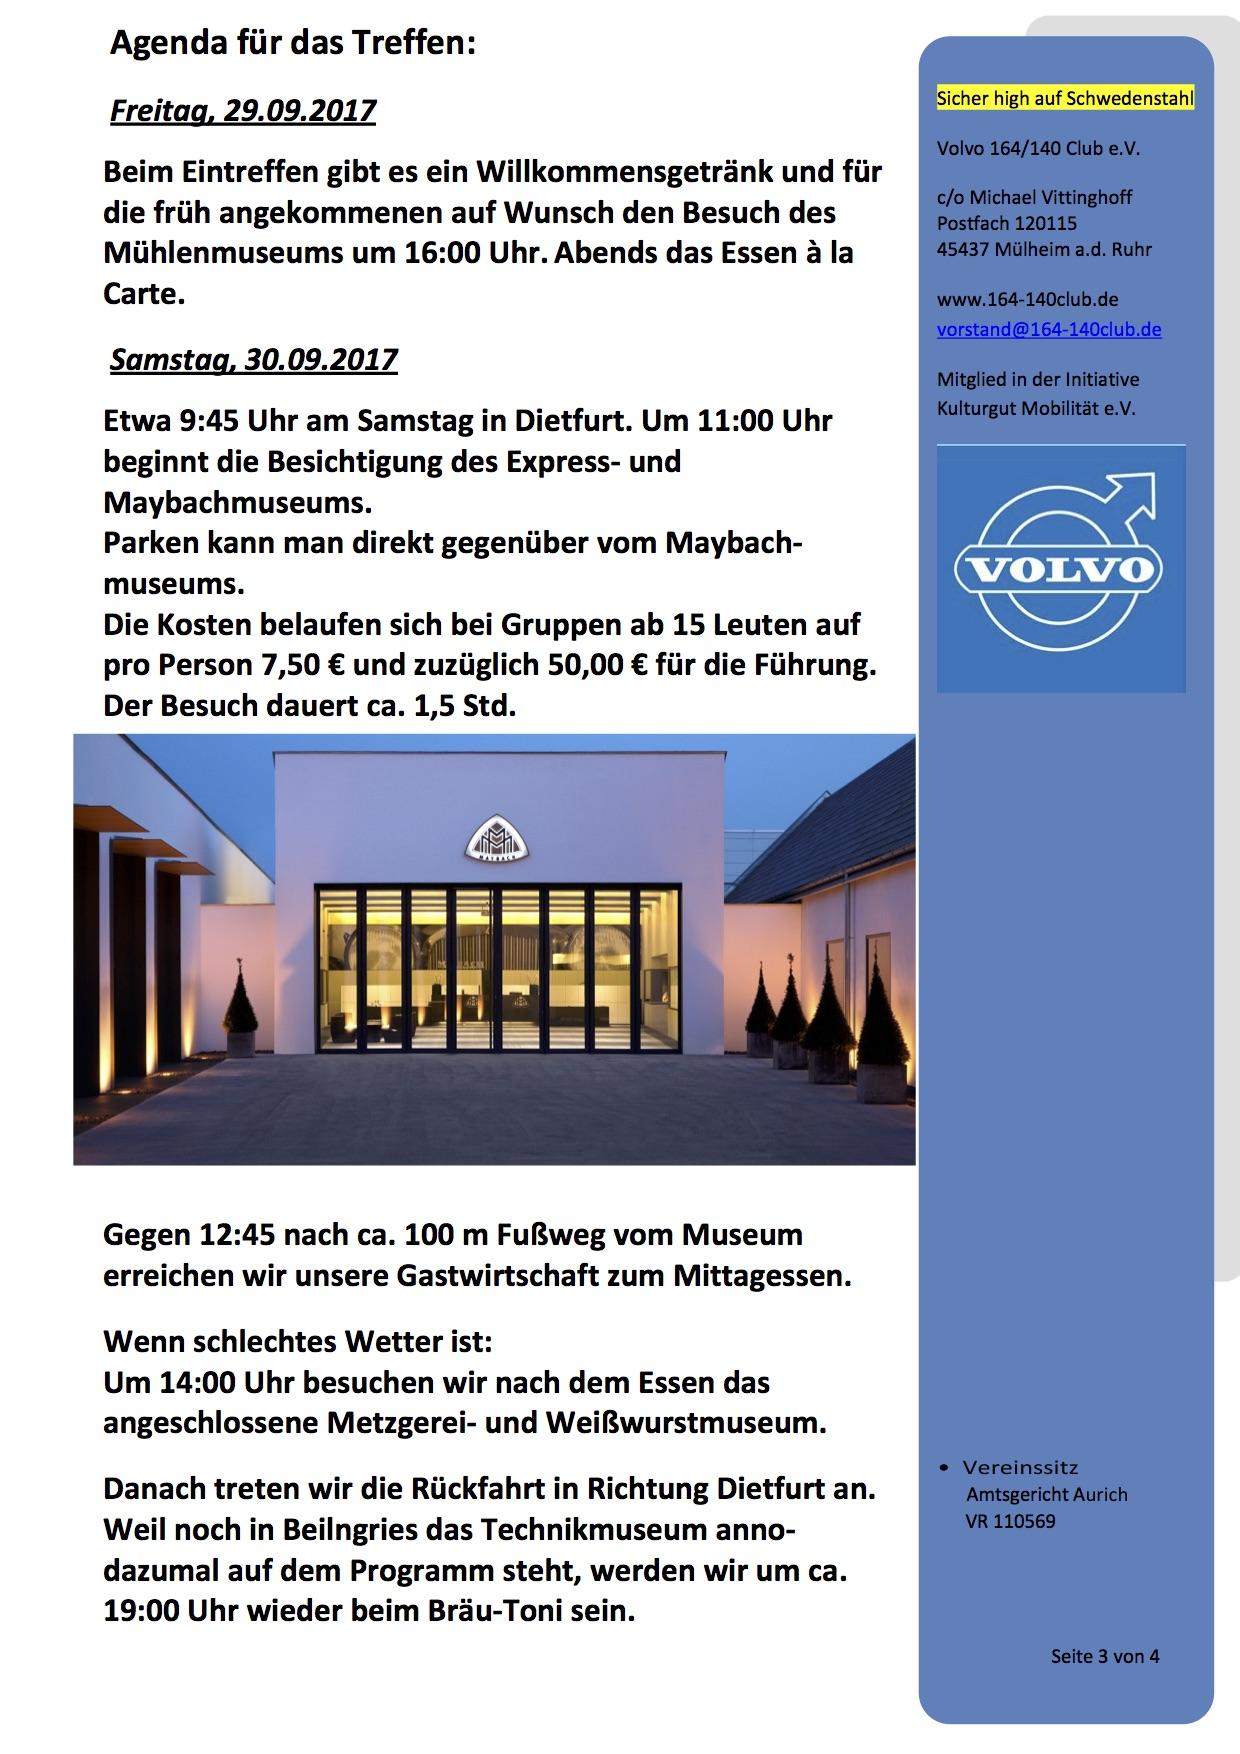 Herbsttreffen 2017 Volvo 164-140 Club e.V. - Einladung 3